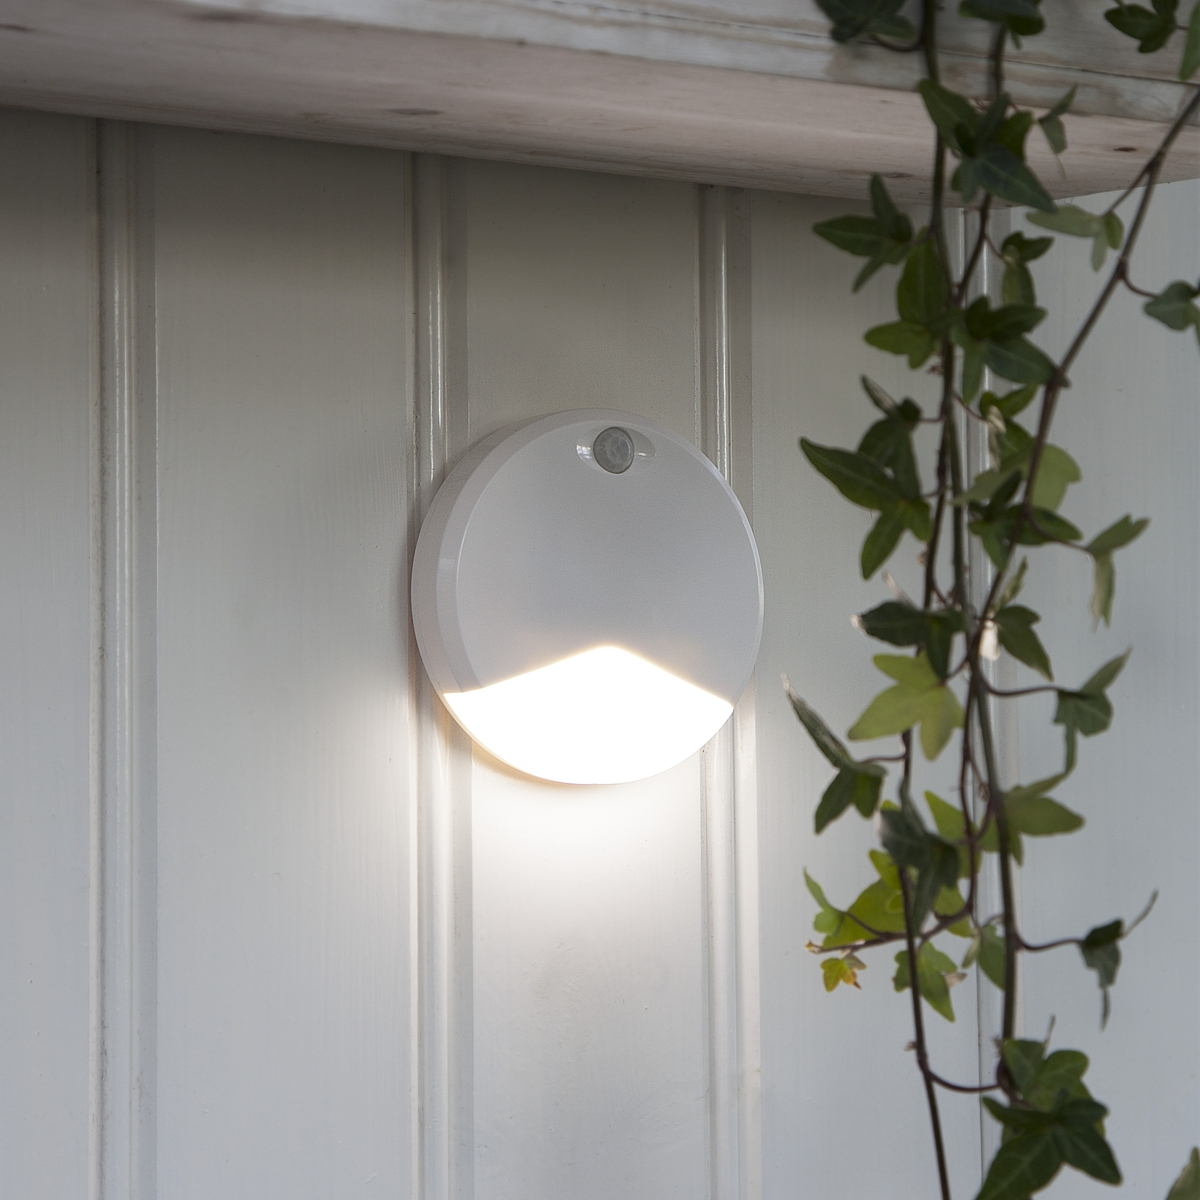 led beleuchtung ohne kabel sengled pulse flex set with. Black Bedroom Furniture Sets. Home Design Ideas